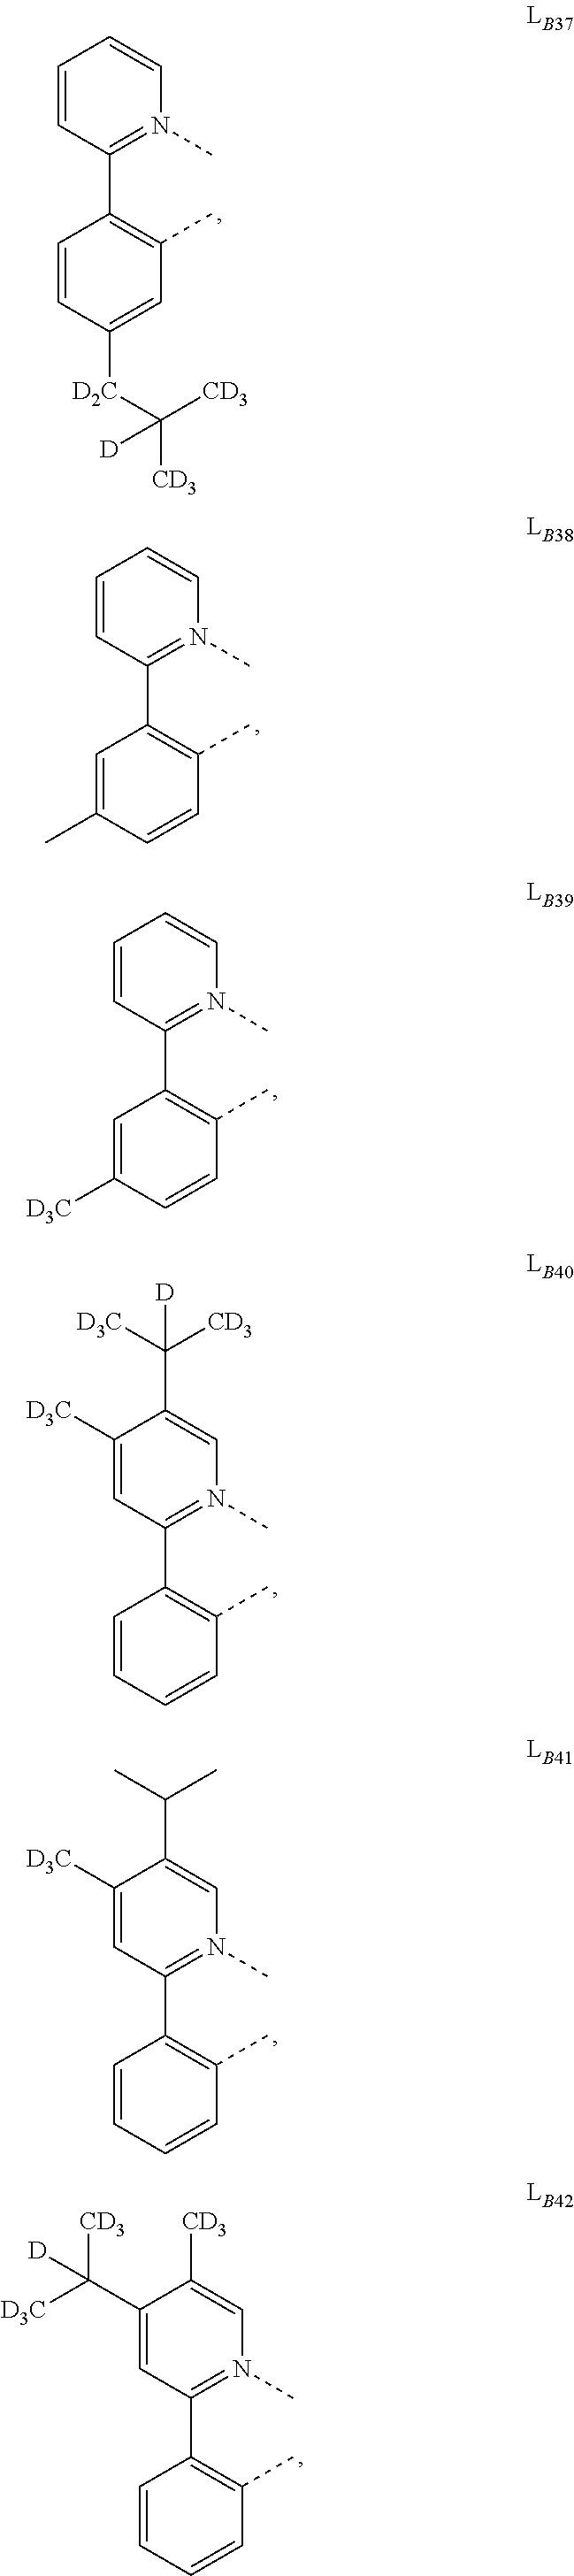 Figure US10003034-20180619-C00021